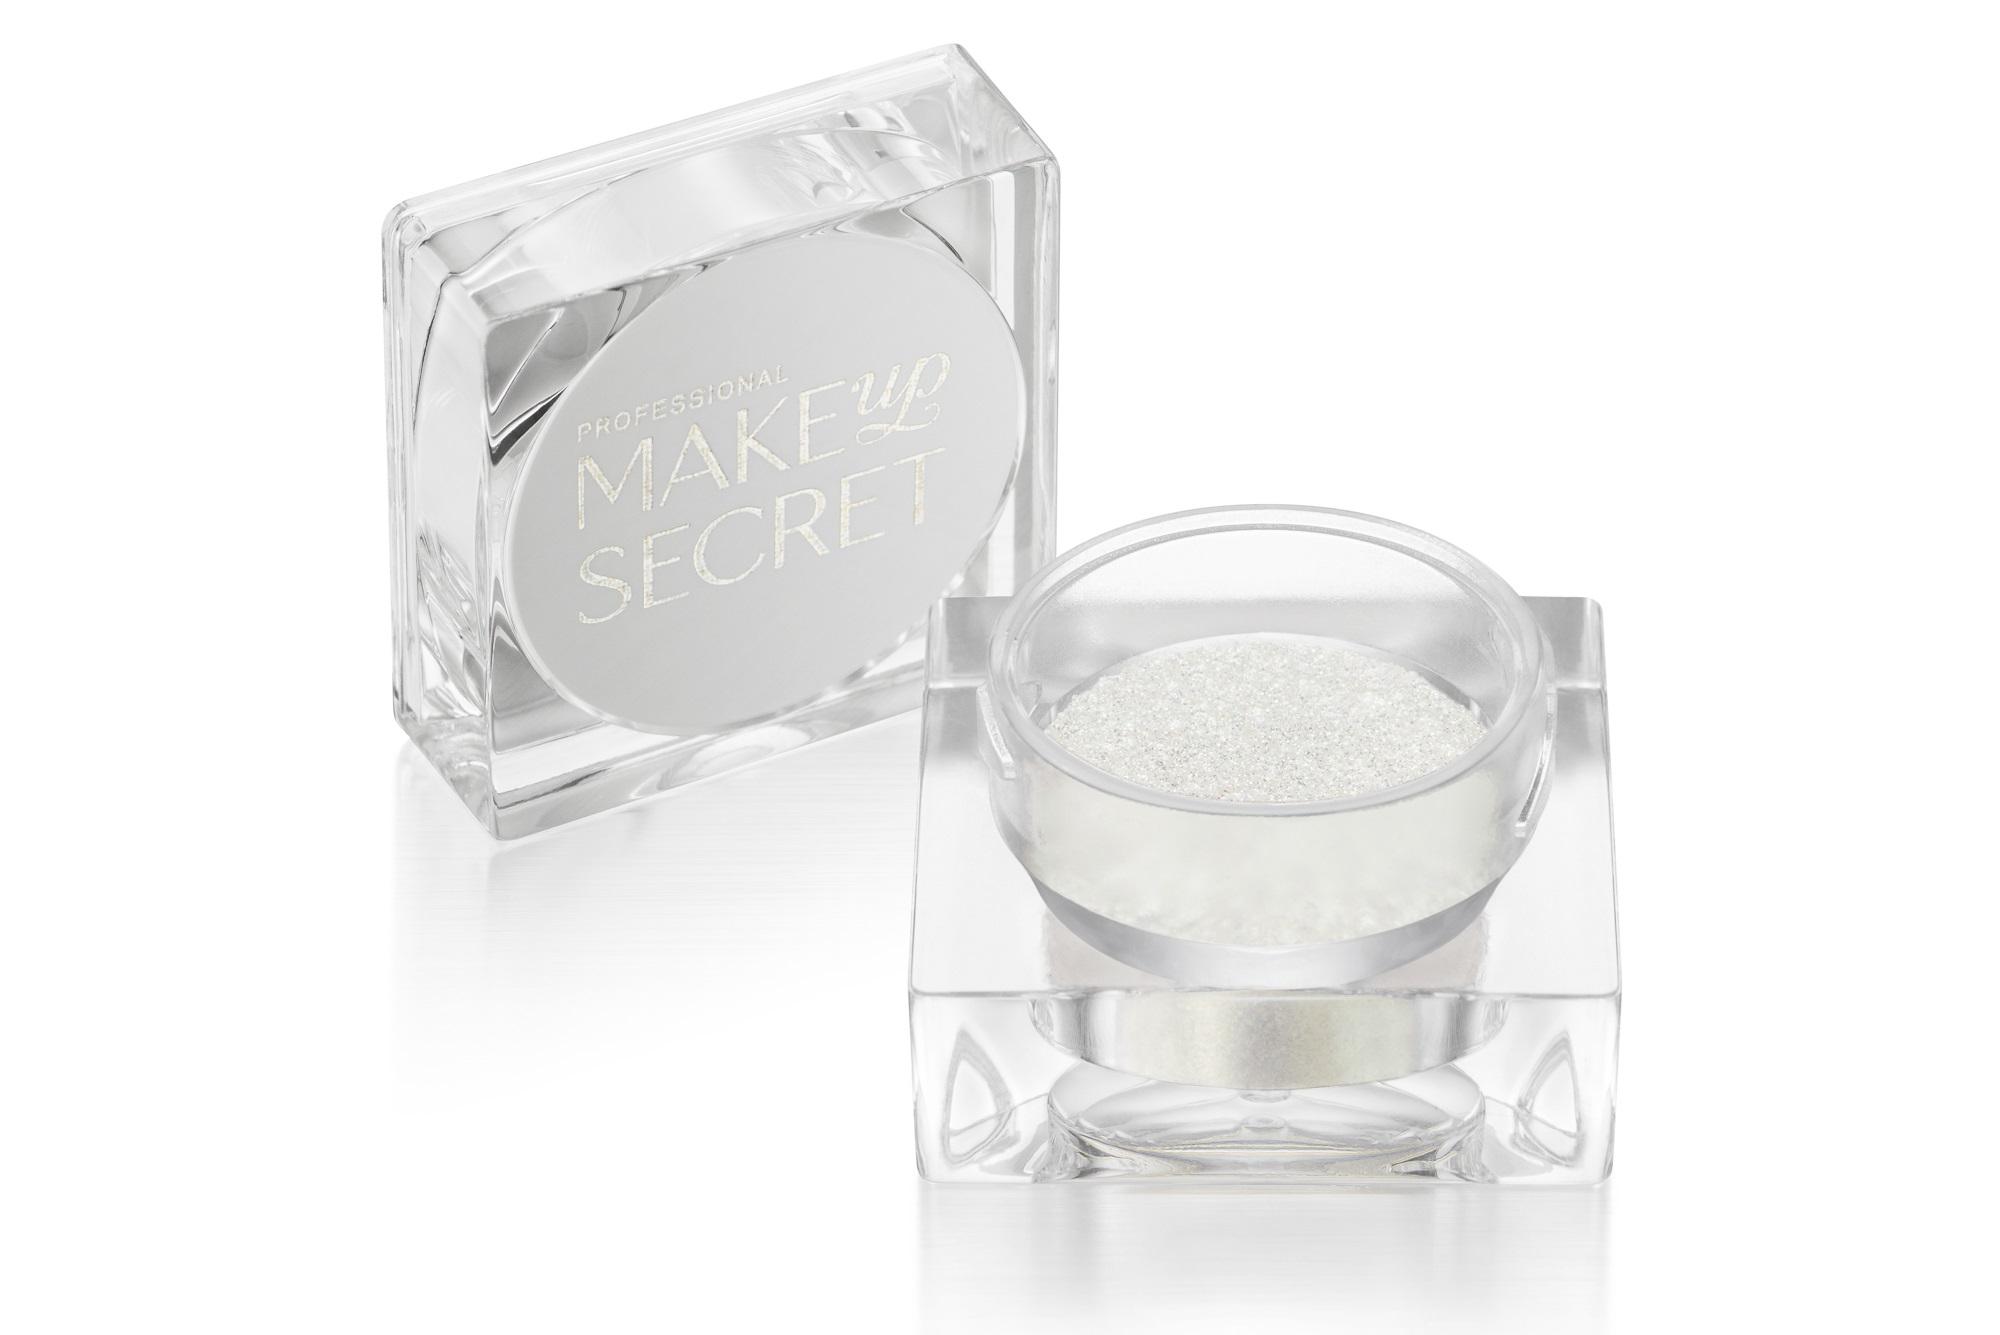 Пигменты Make up Secret MAKEUP EMOTIONS серия Star collection Gold star: фото